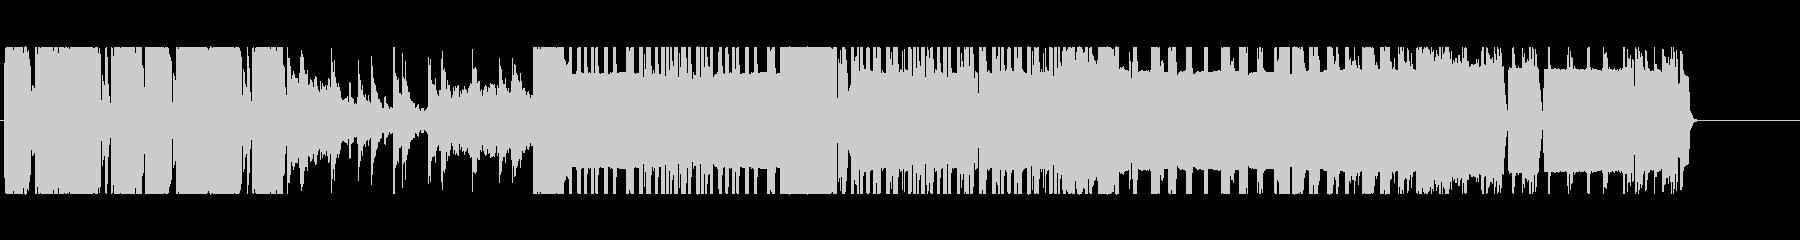 ダークでノイジーなドラムンベースの未再生の波形